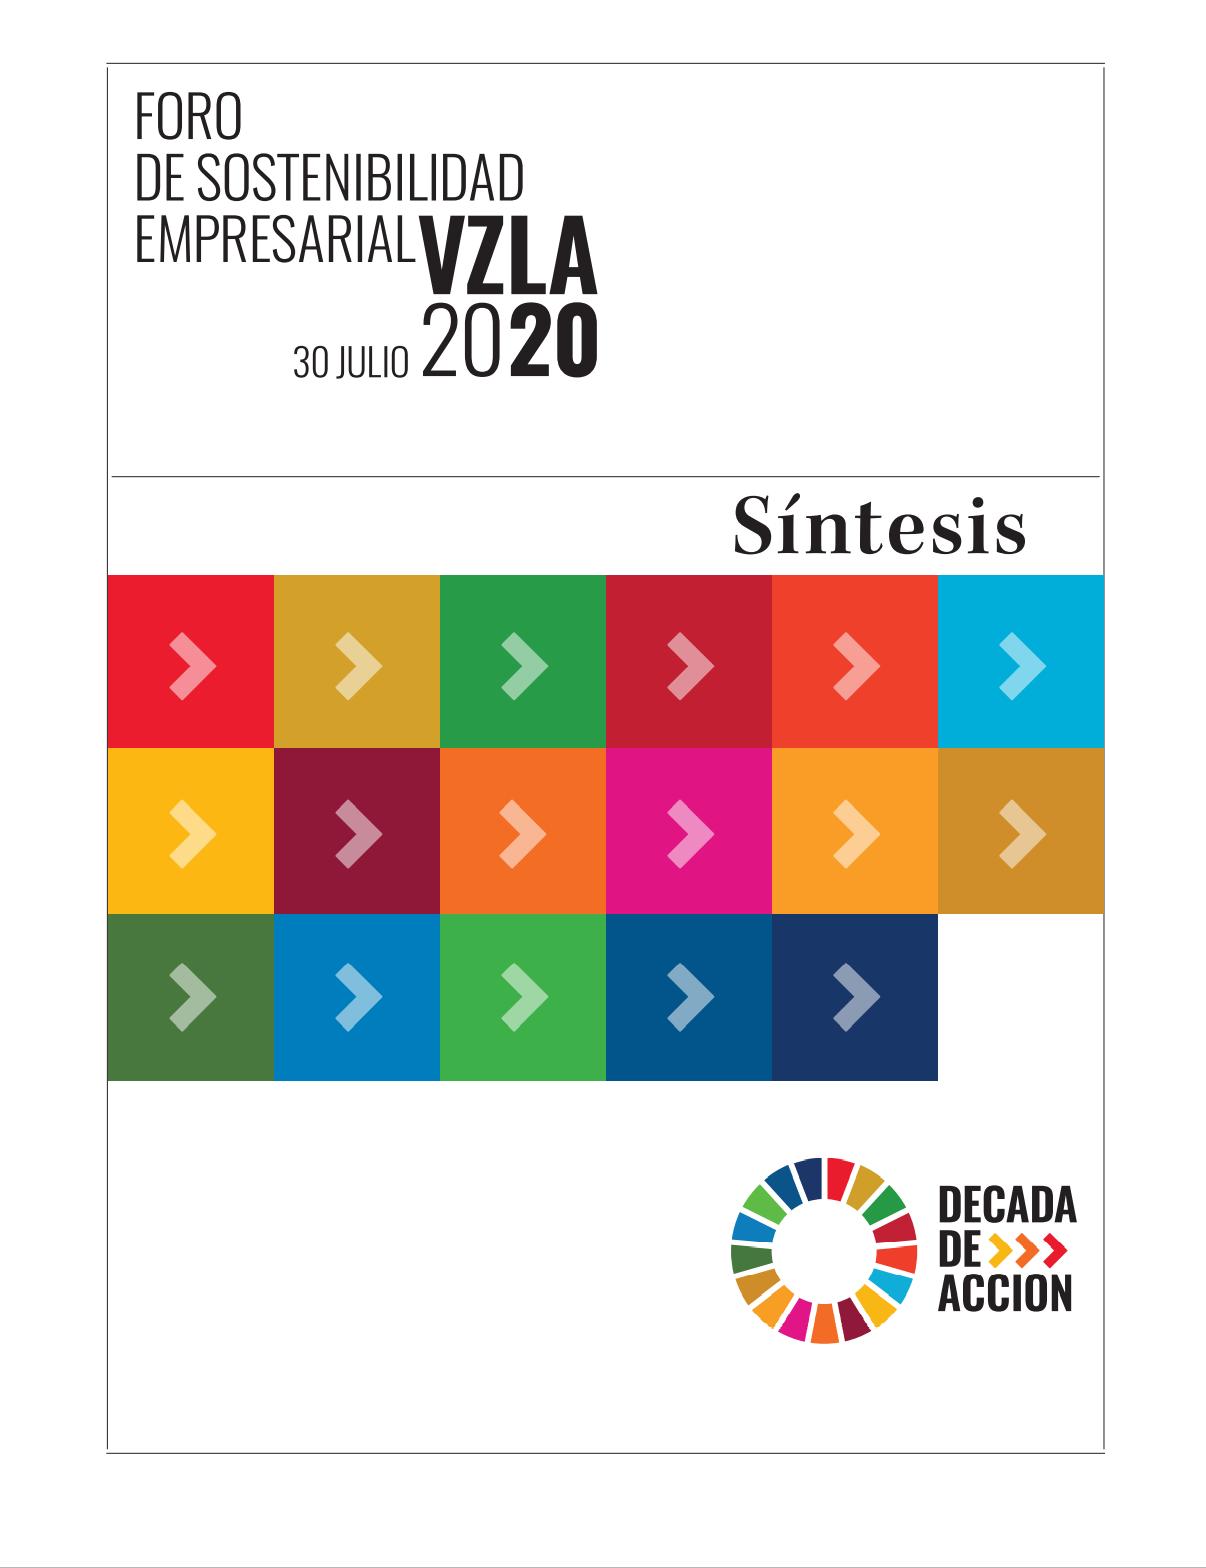 Síntesis del Foro de Sostenibilidad Empresarial Venezuela 2020